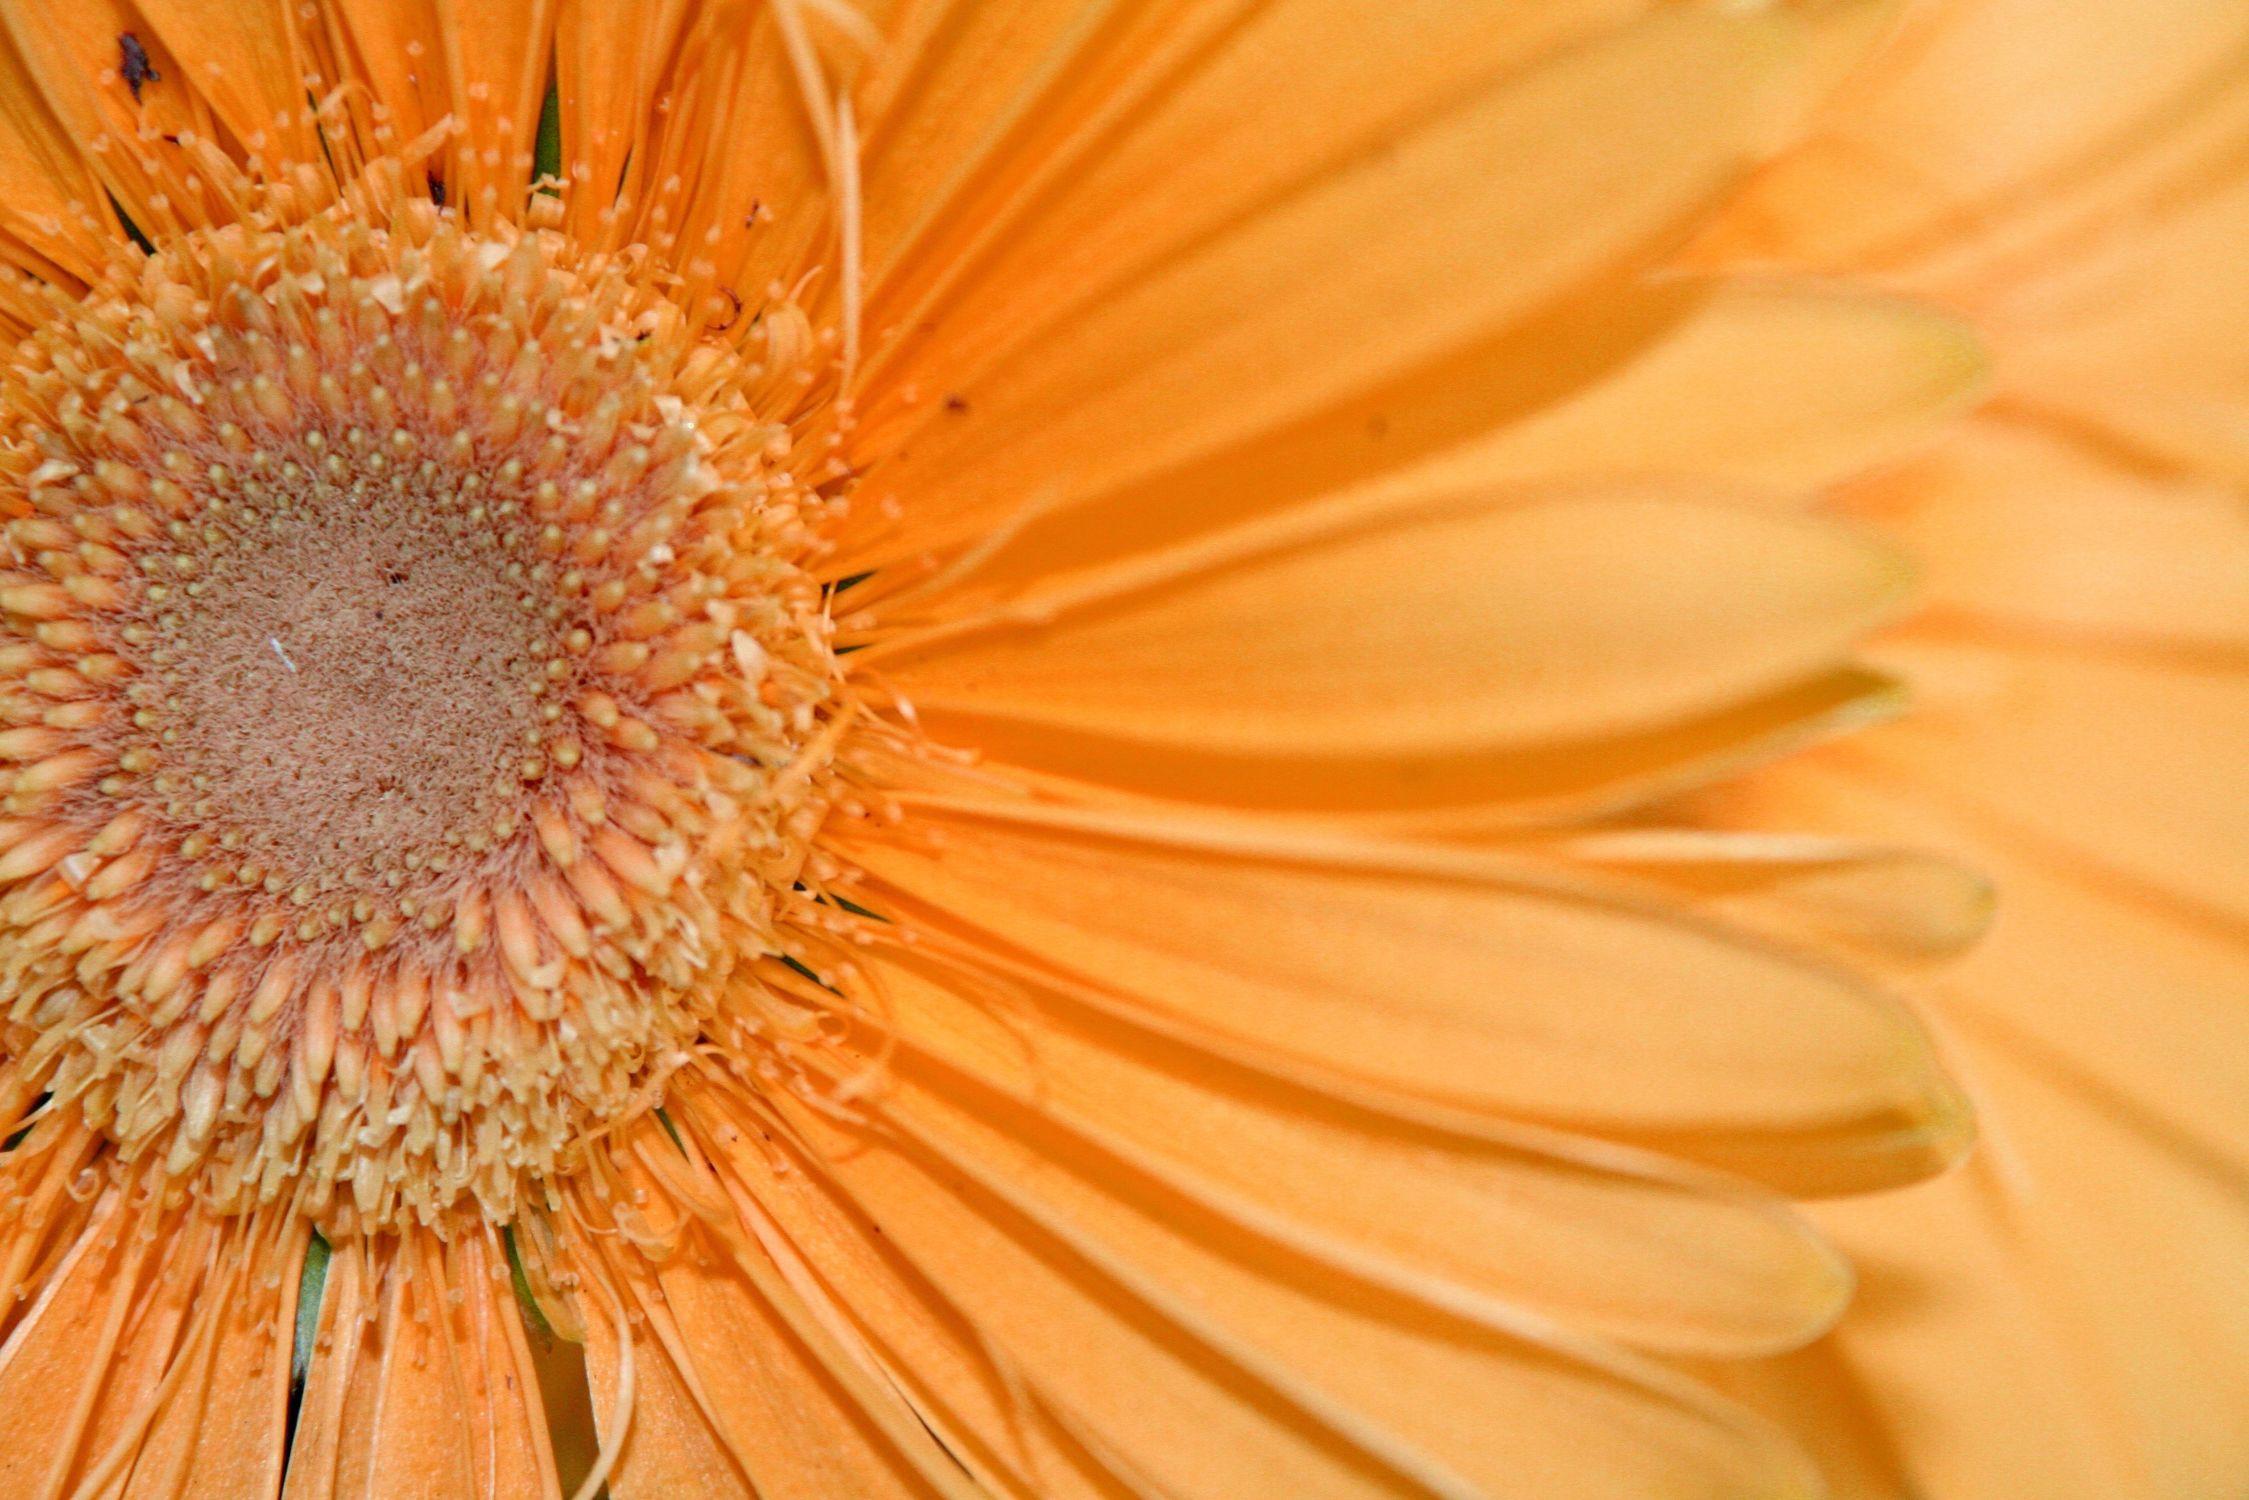 Bild mit Farben, Orange, Gelb, Natur, Pflanzen, Blumen, Korbblütler, Gerberas, Blume, Pflanze, Gerbera, Margeriten, Margerite